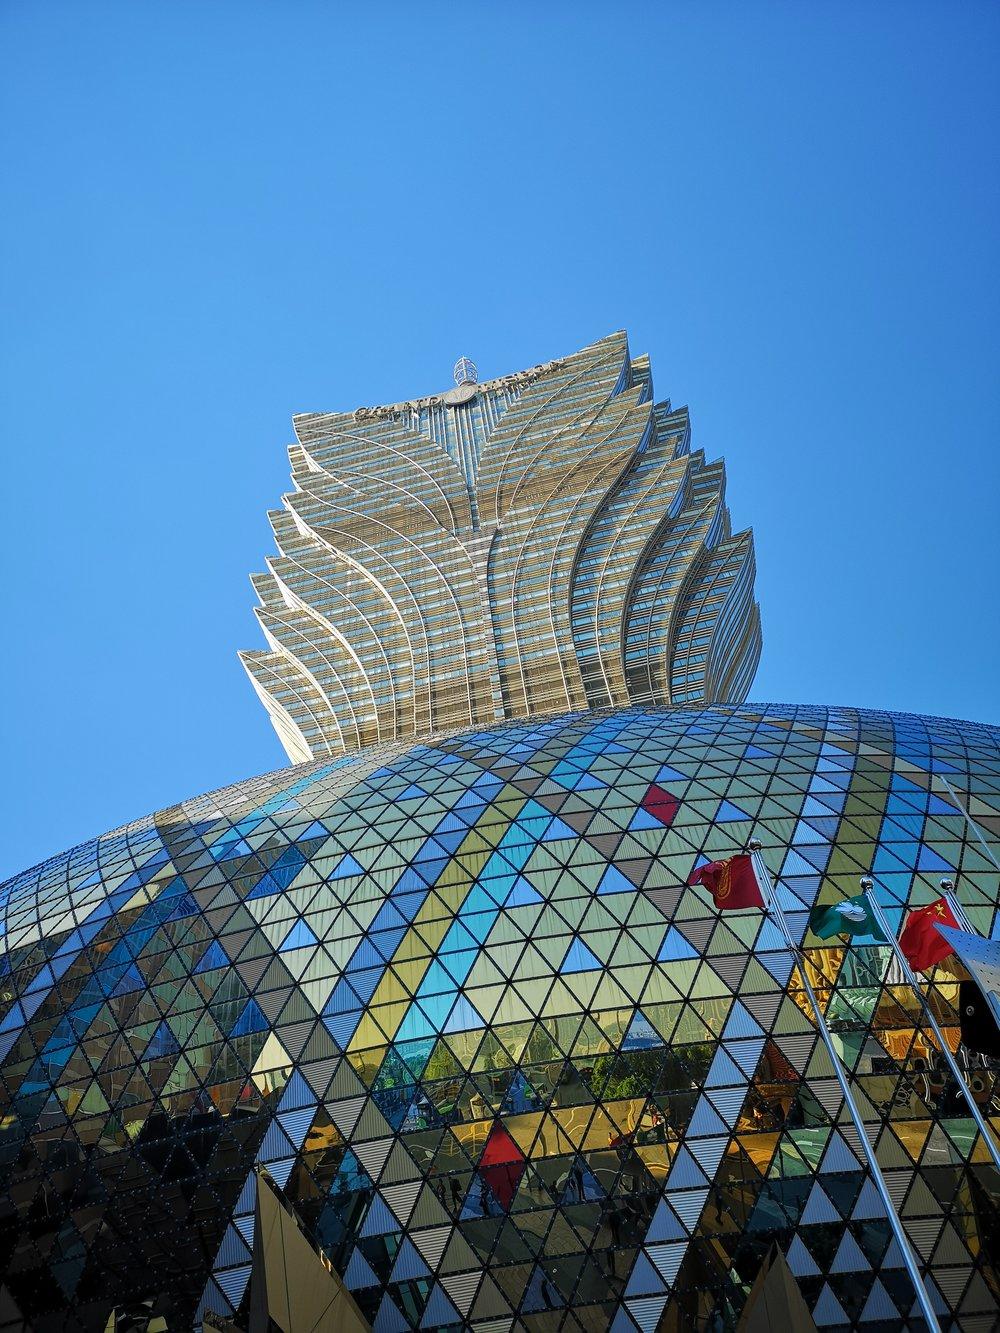 Grand Lisboa Hotel in Macau